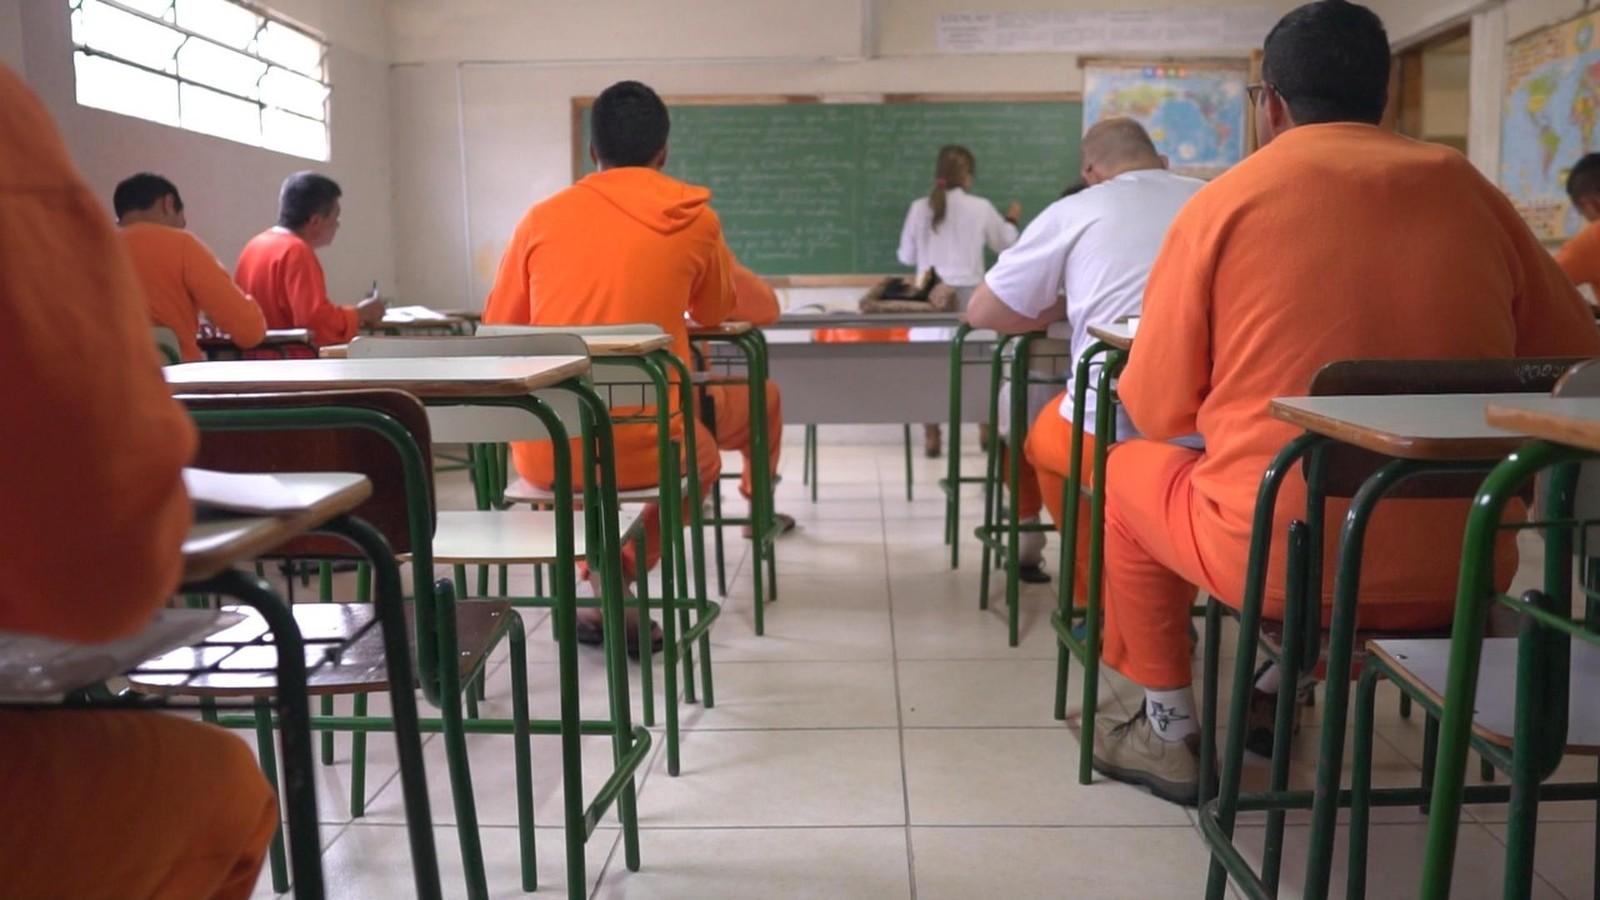 POPULAÇÃO CARCERÁRIA – Menos de 1/5 dos presos trabalha no Brasil; 1 em cada 8 estuda